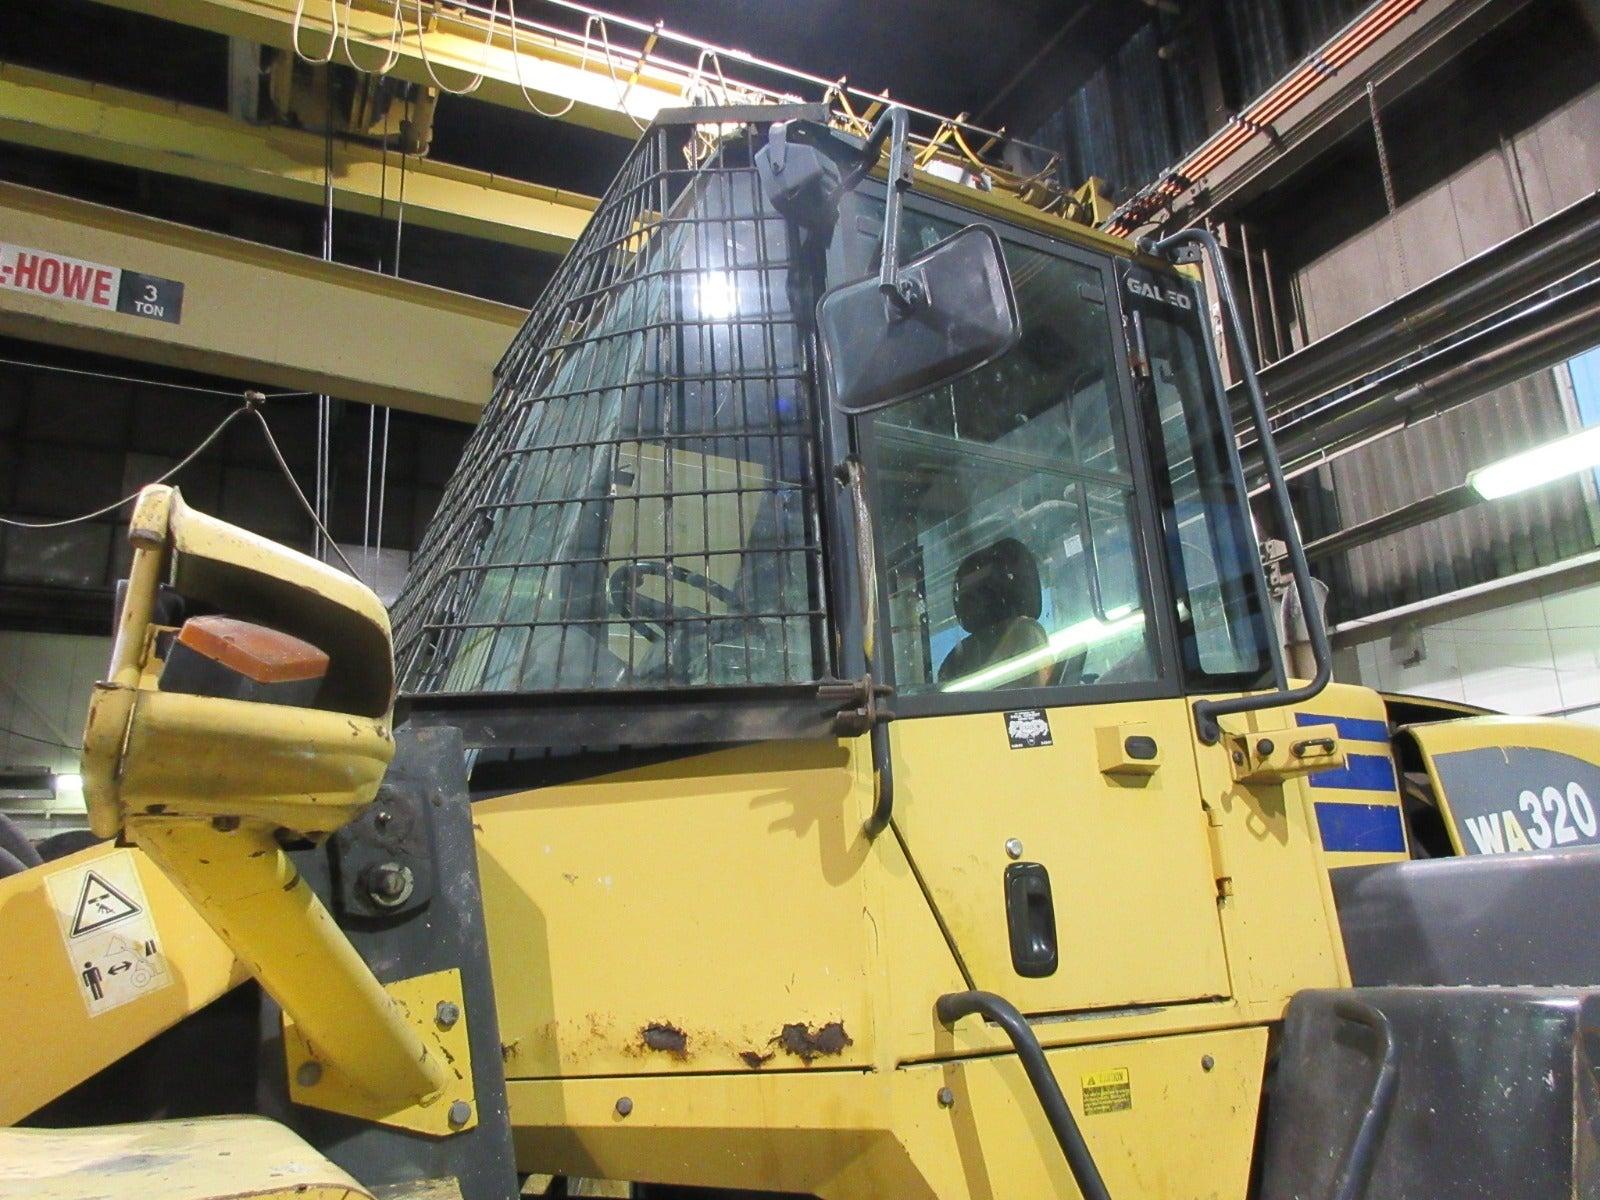 Komatsu WA320-5L Wheel Loader teardown machine photo 4